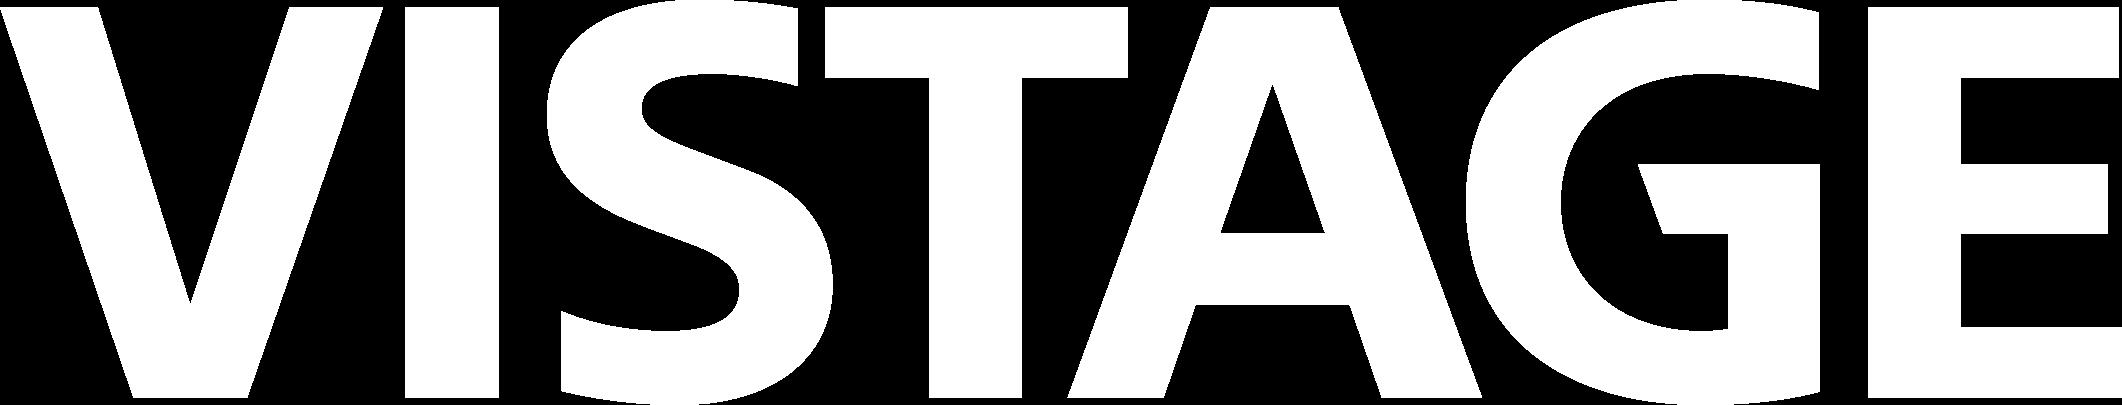 Vistage_Logo_Reversed.png